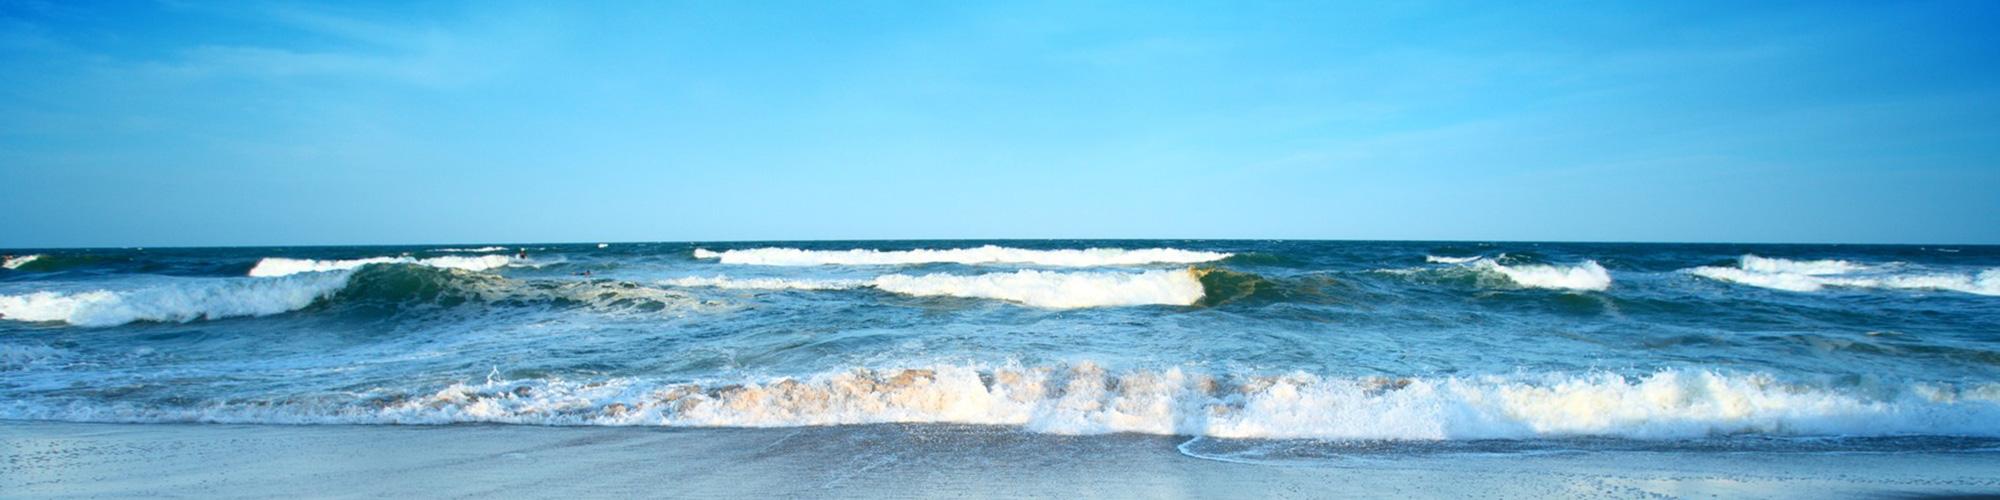 ocean_slide_bg